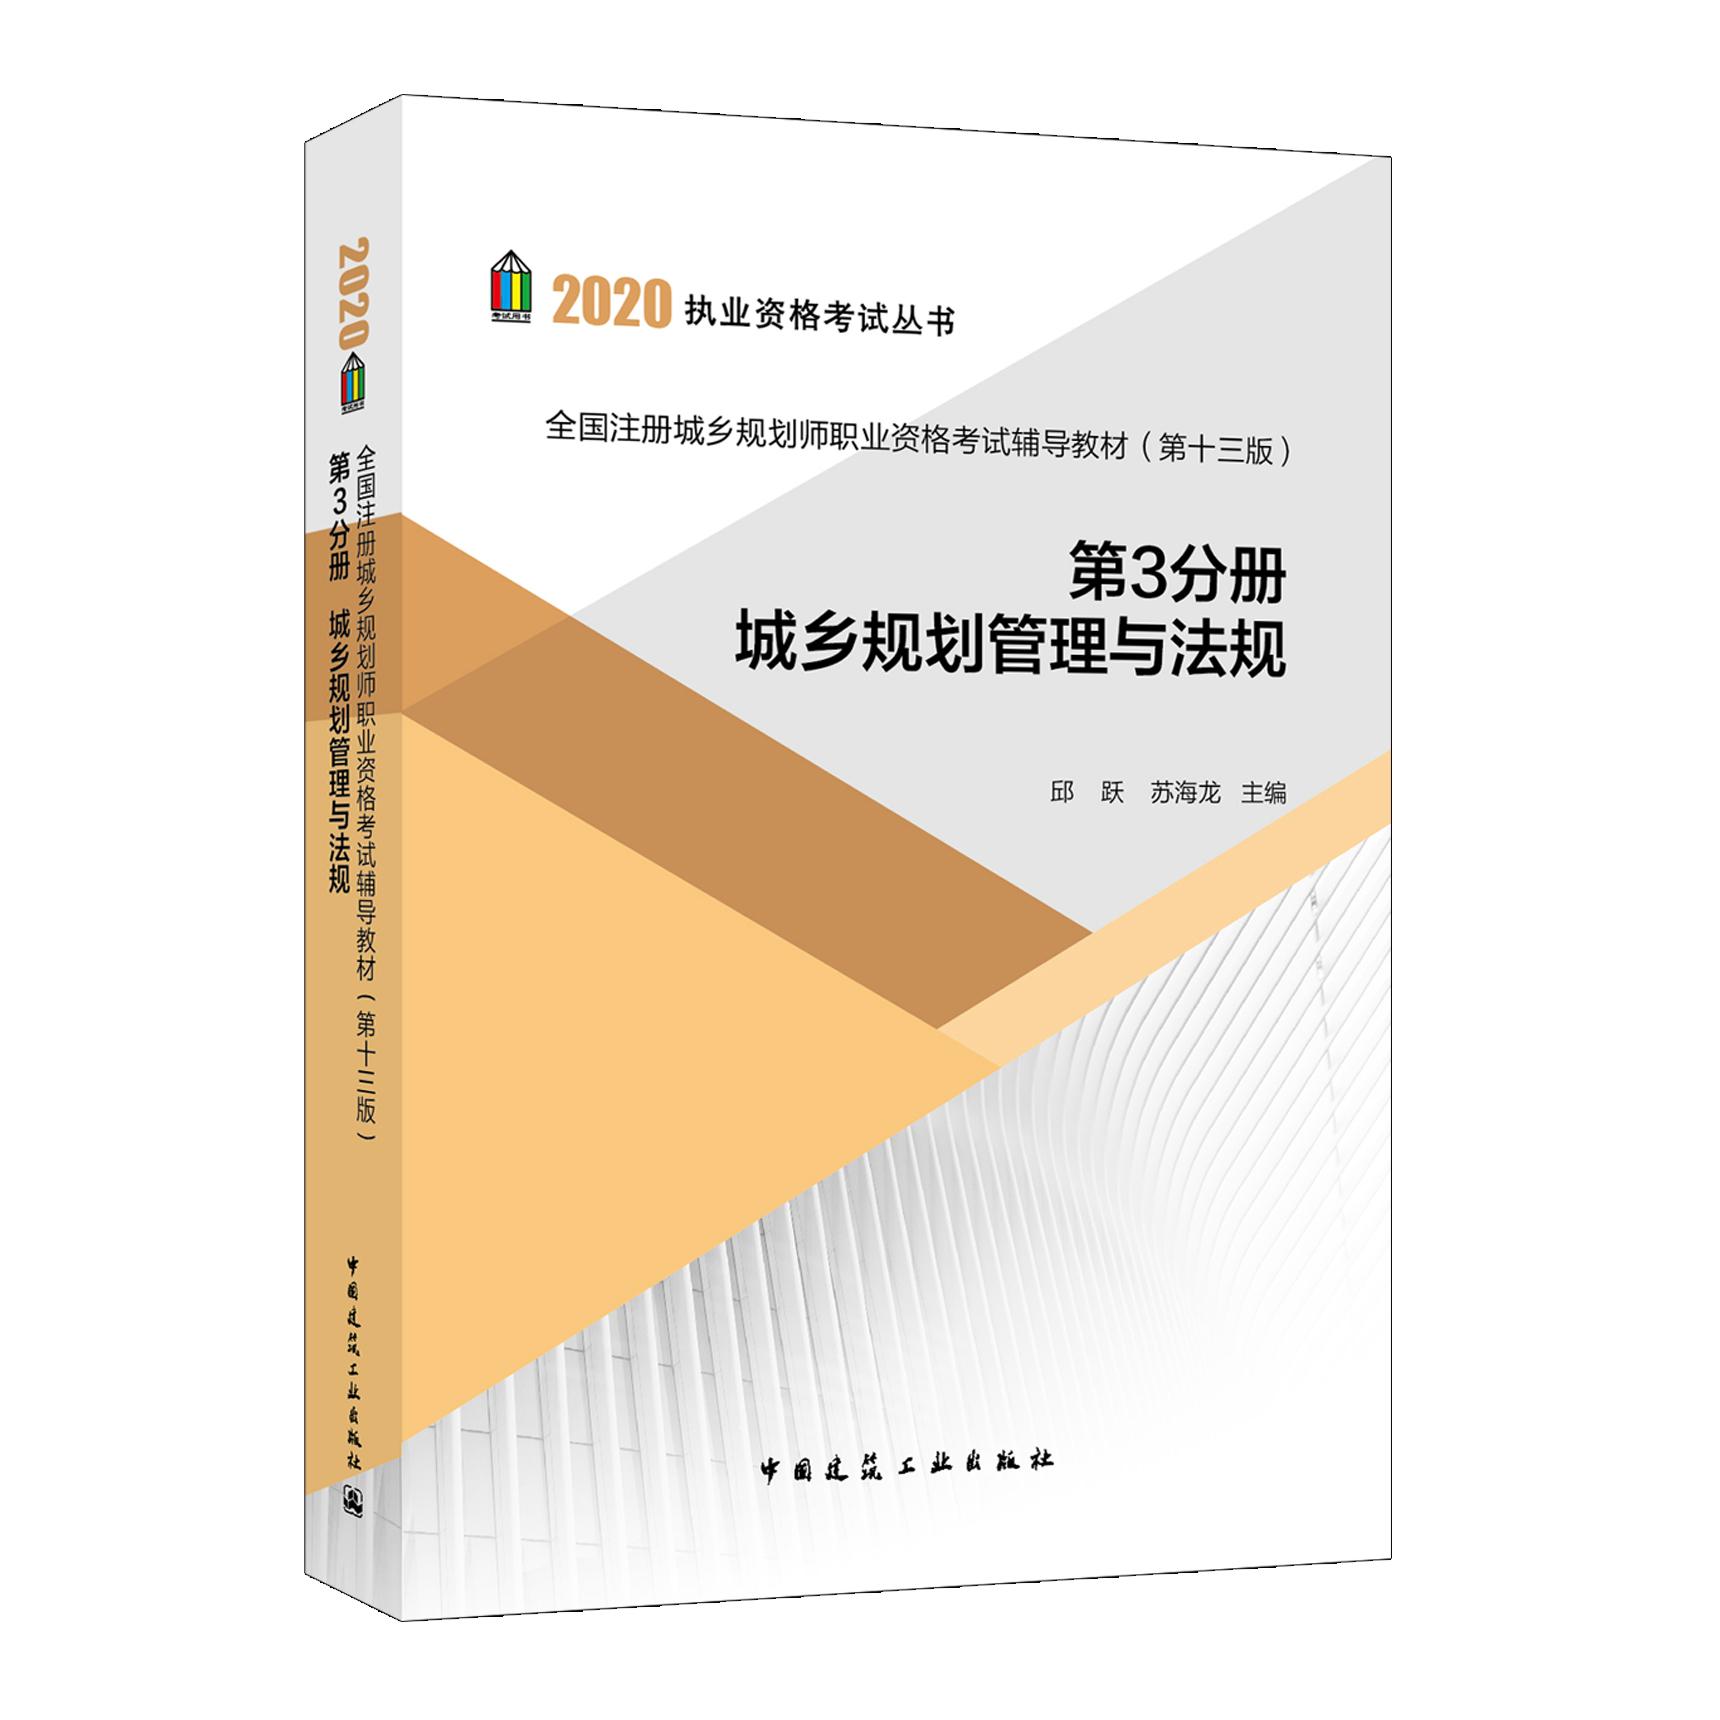 2020年注册城乡规划师考试辅导教材 第3分册 城乡规划管理与法规 第十三版